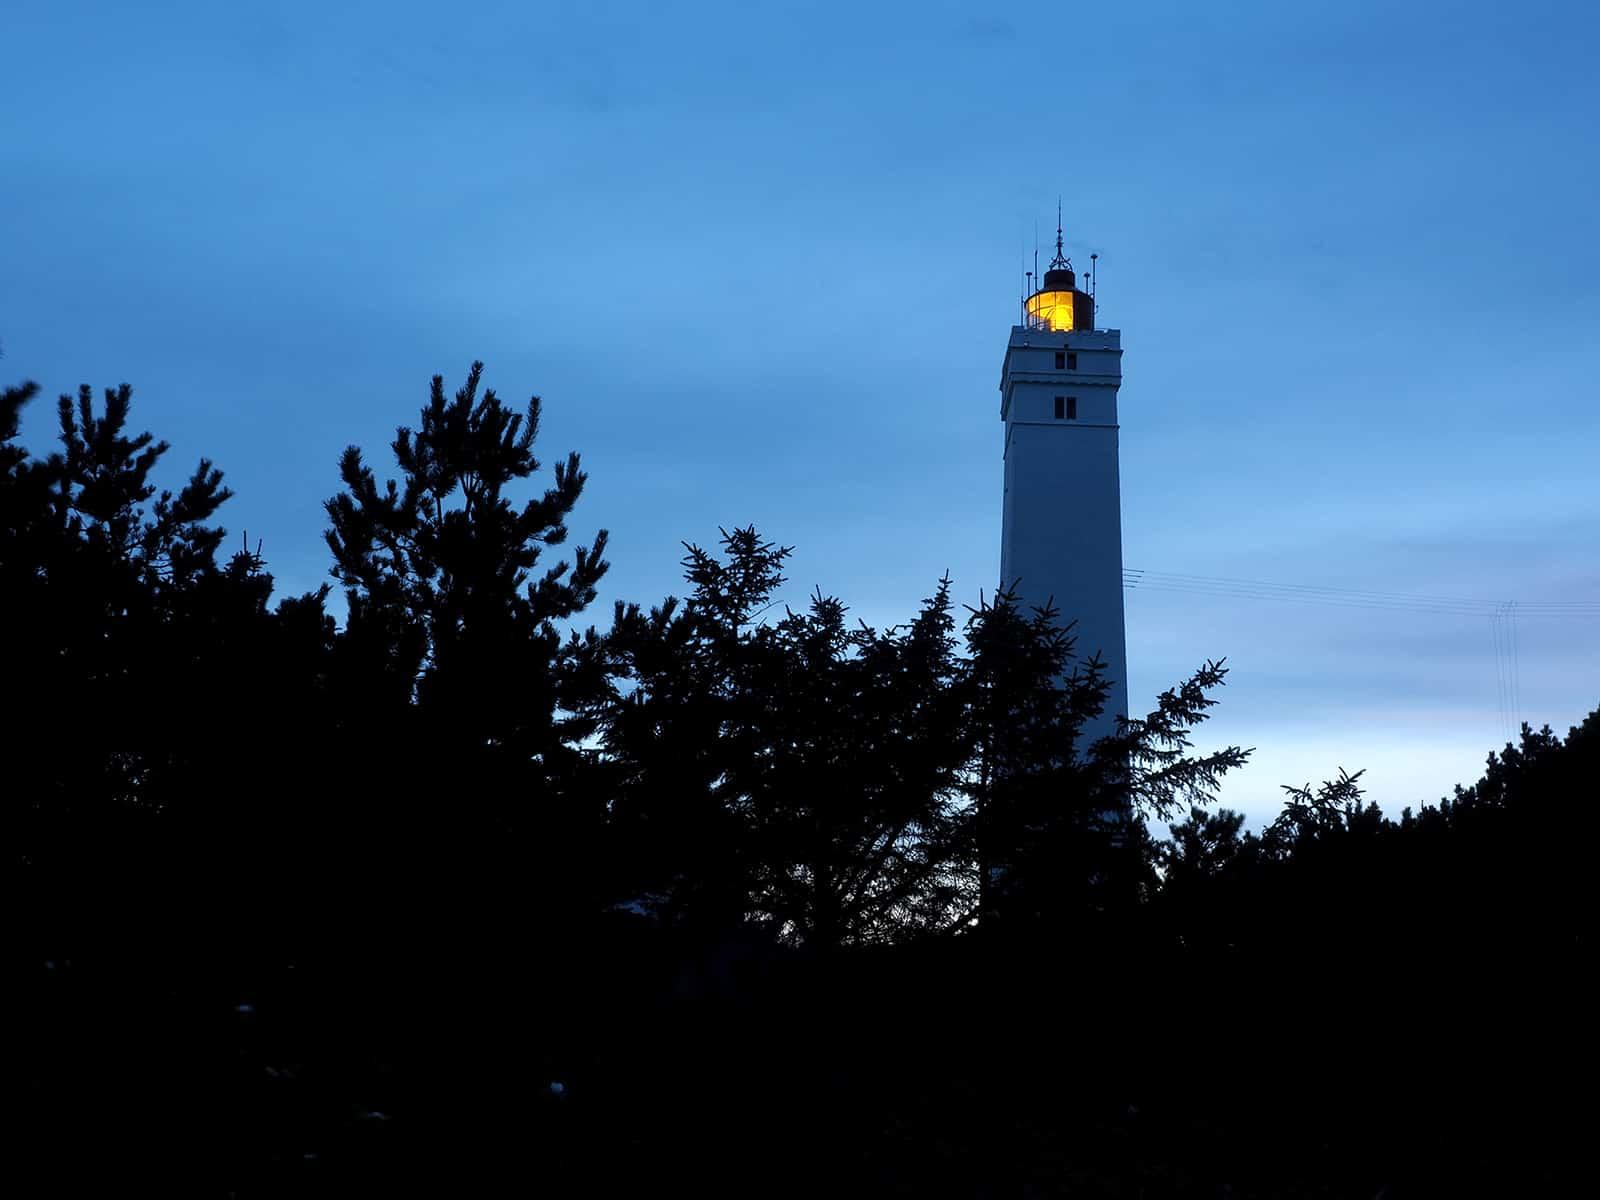 Leuchtturm von Blavand in der Dämmerung. Kamera: Olympus PEN-F